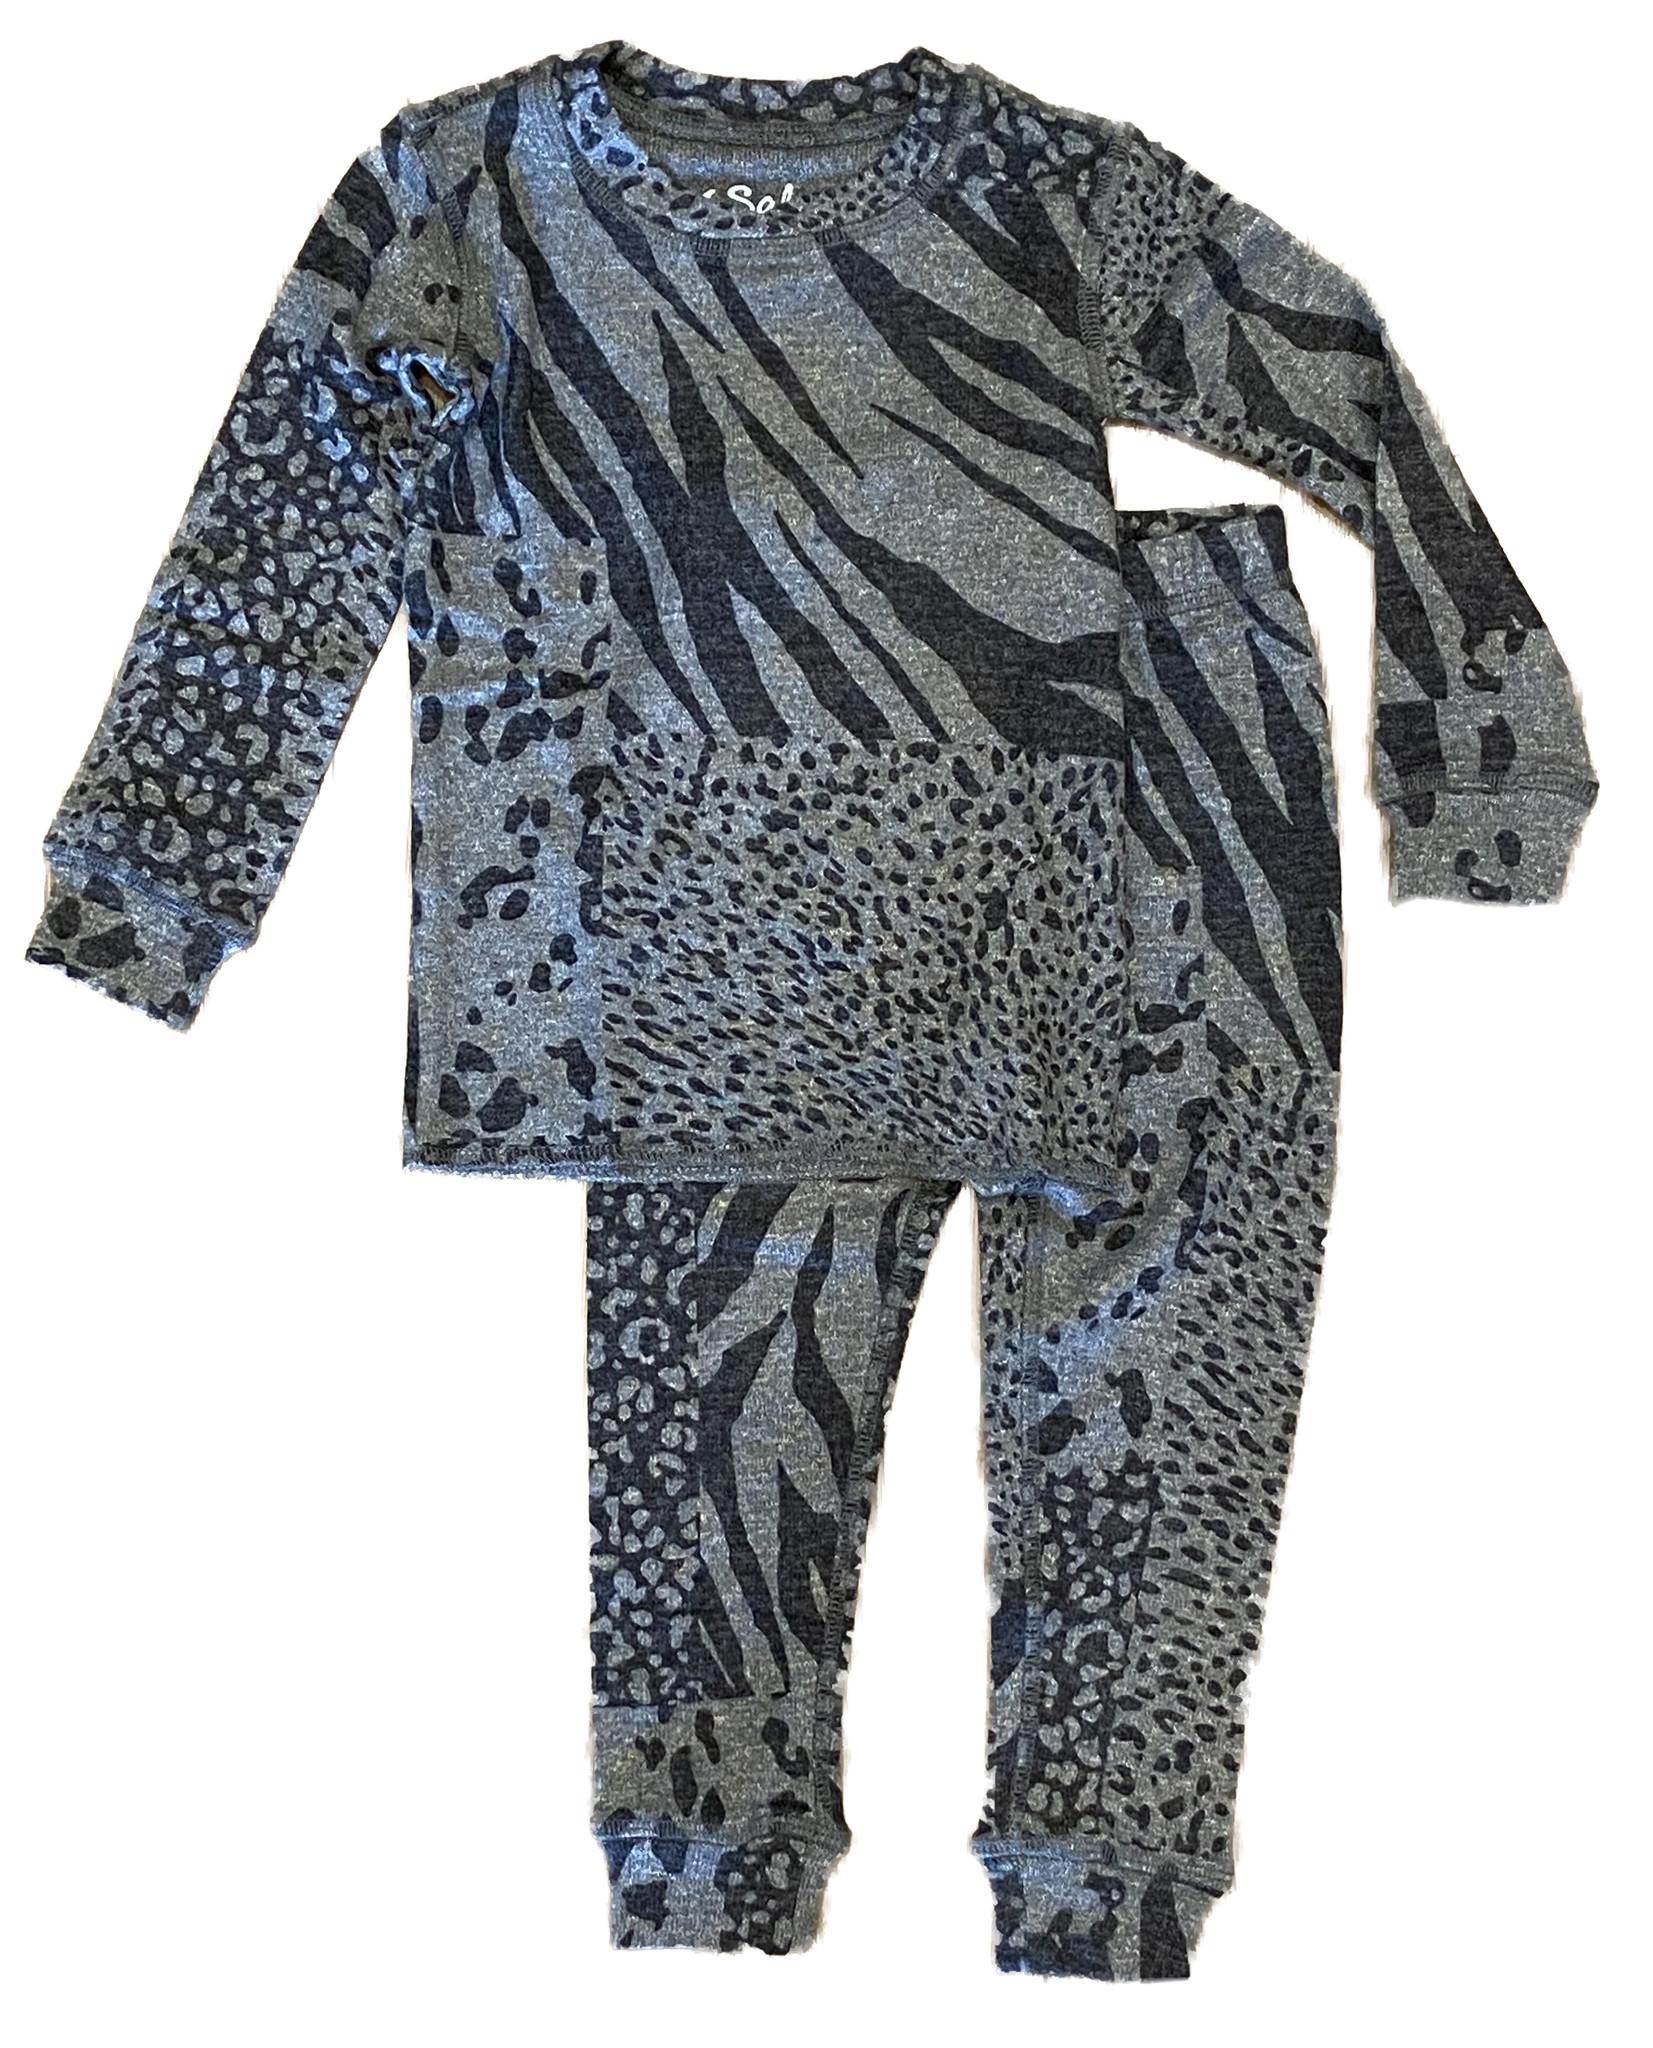 PJ Salvage Charcoal Animal Print Set